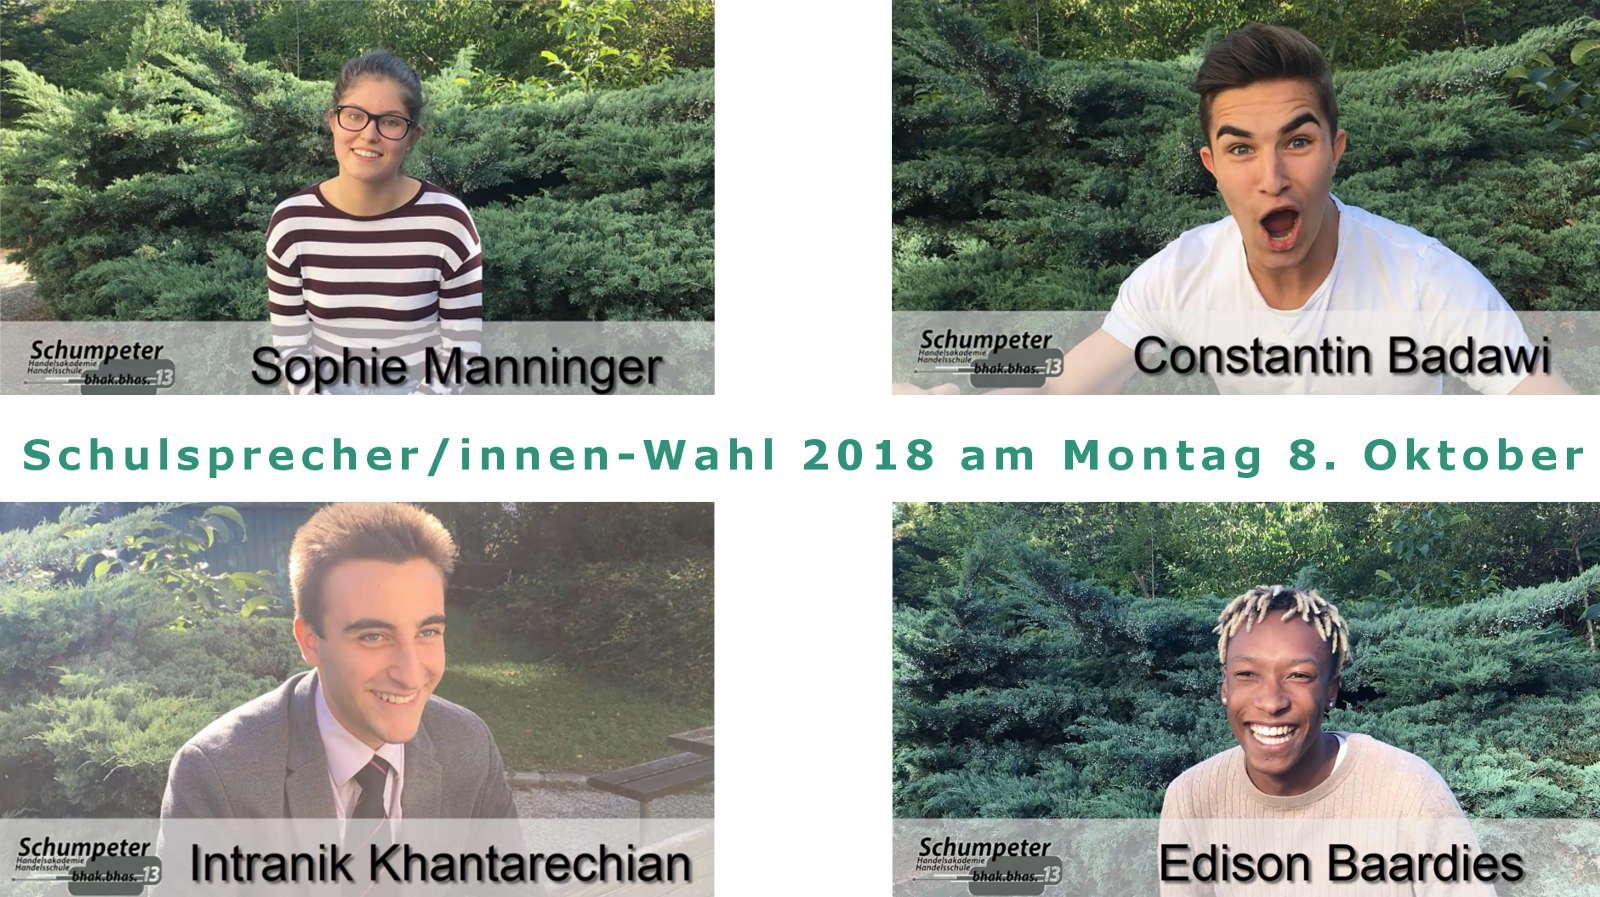 Schulsprecher/innen-Wahl Werbevideos 2